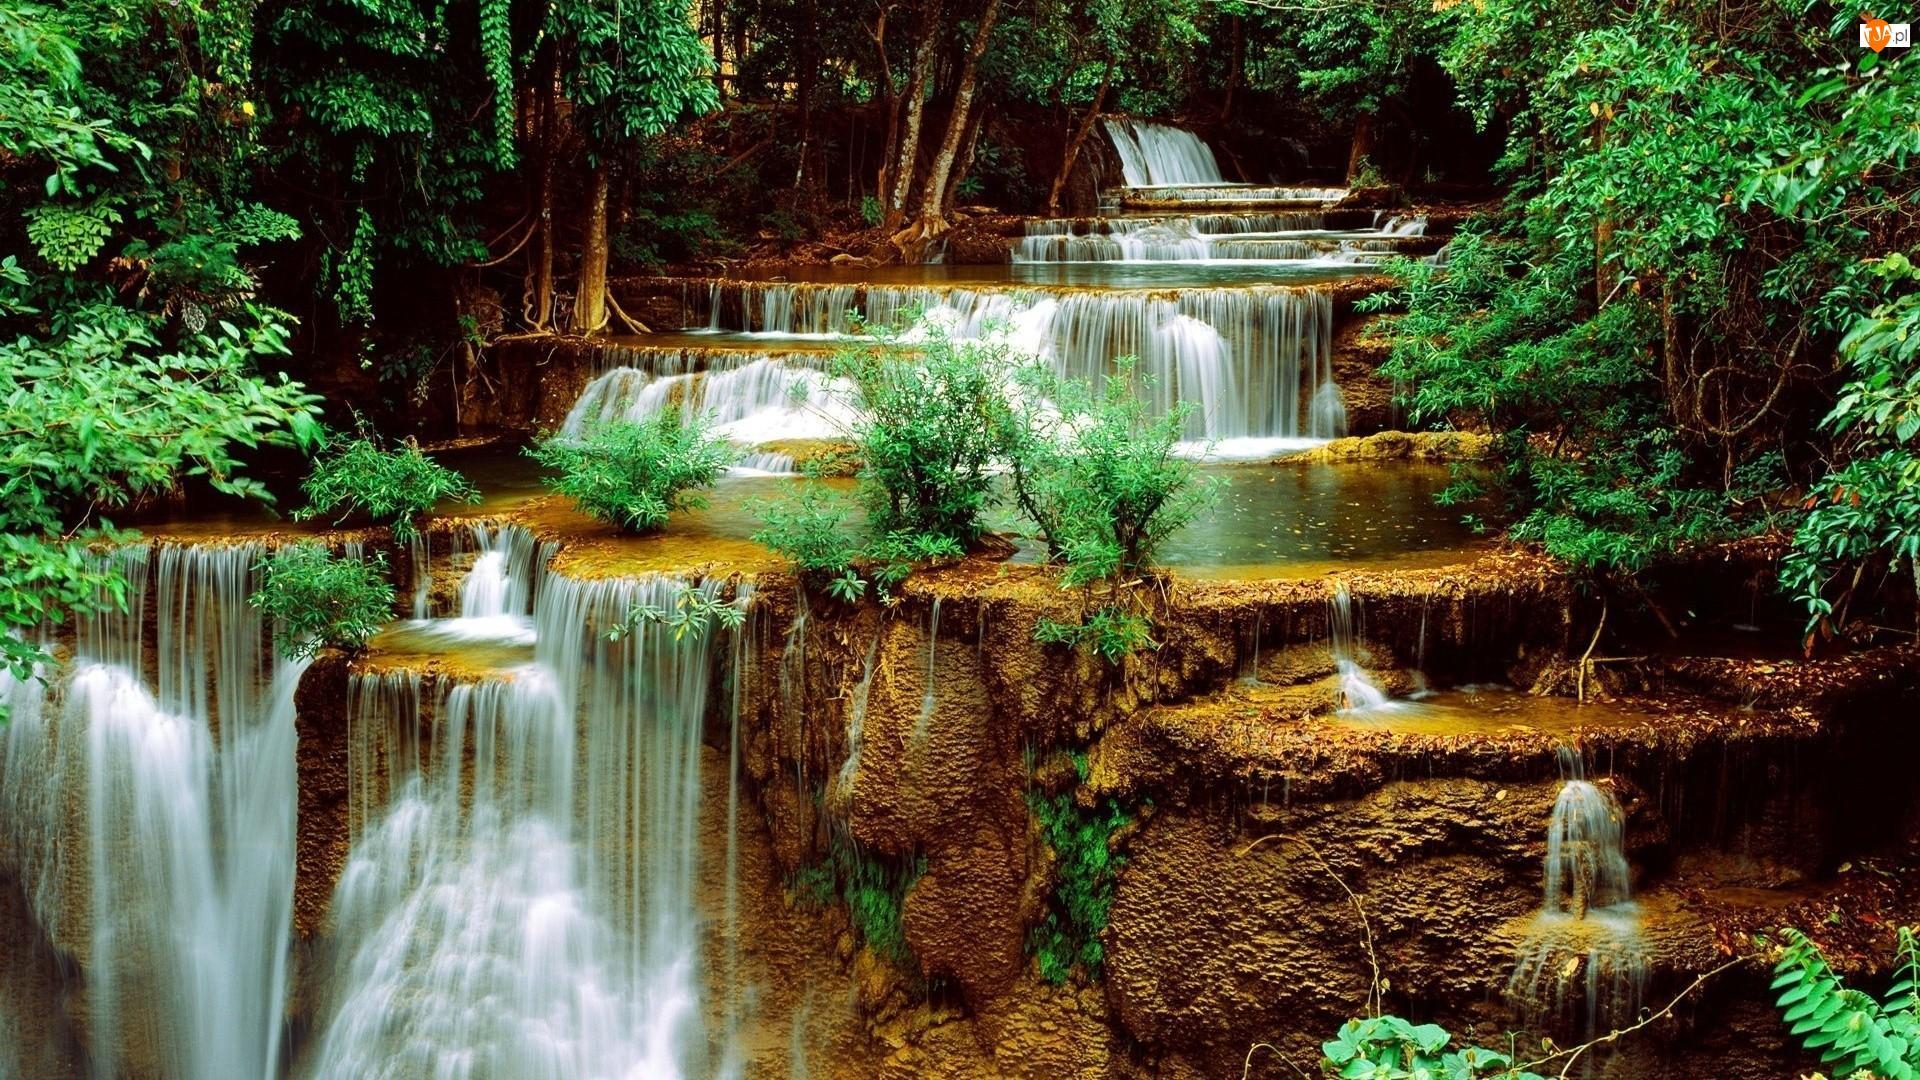 Skalne, Zieleń, Stopnie, Wodospady